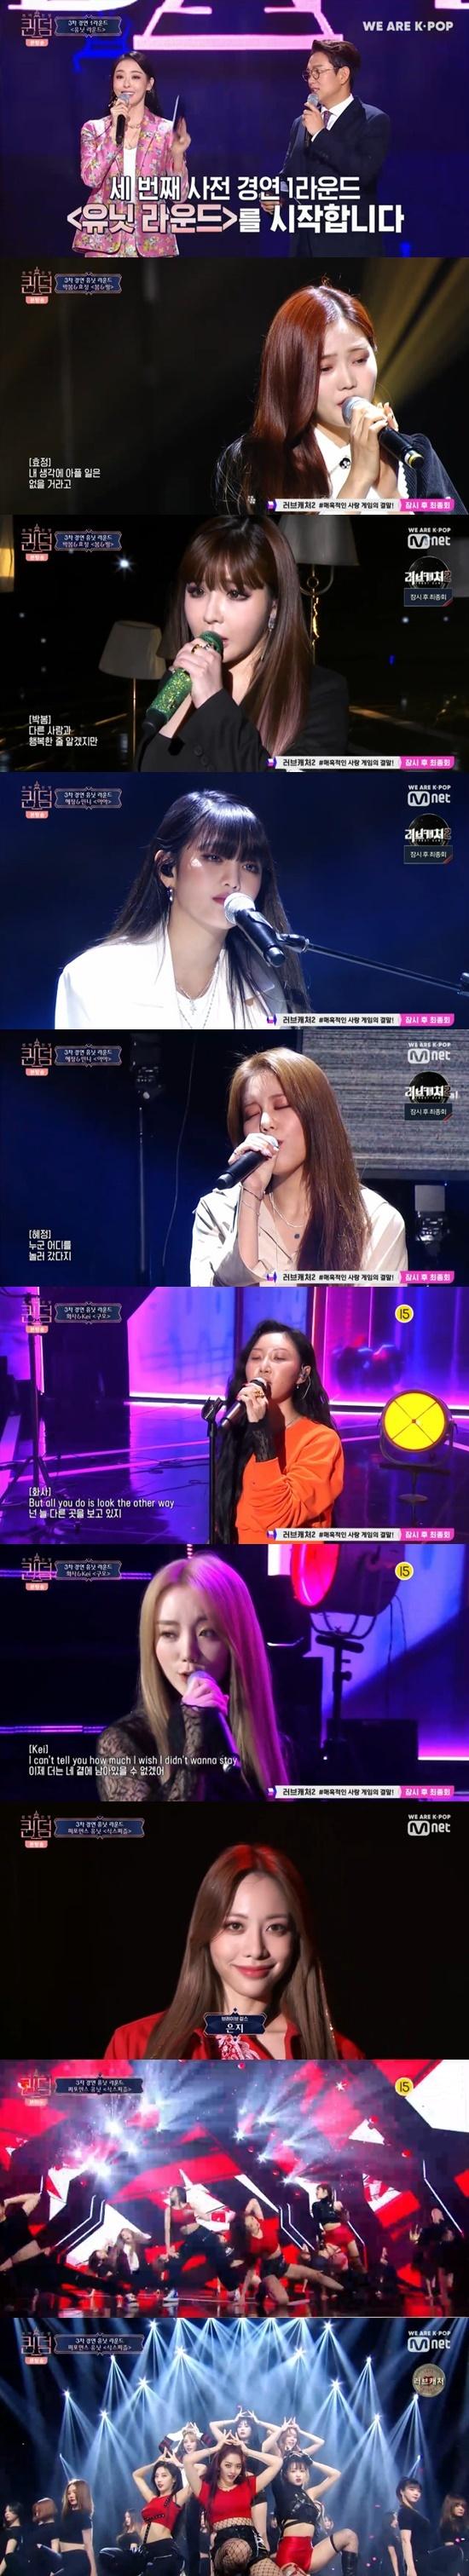 '퀸덤' 유닛 라운드, 감성 보컬→강렬한 단체 퍼포먼스까지(종합)